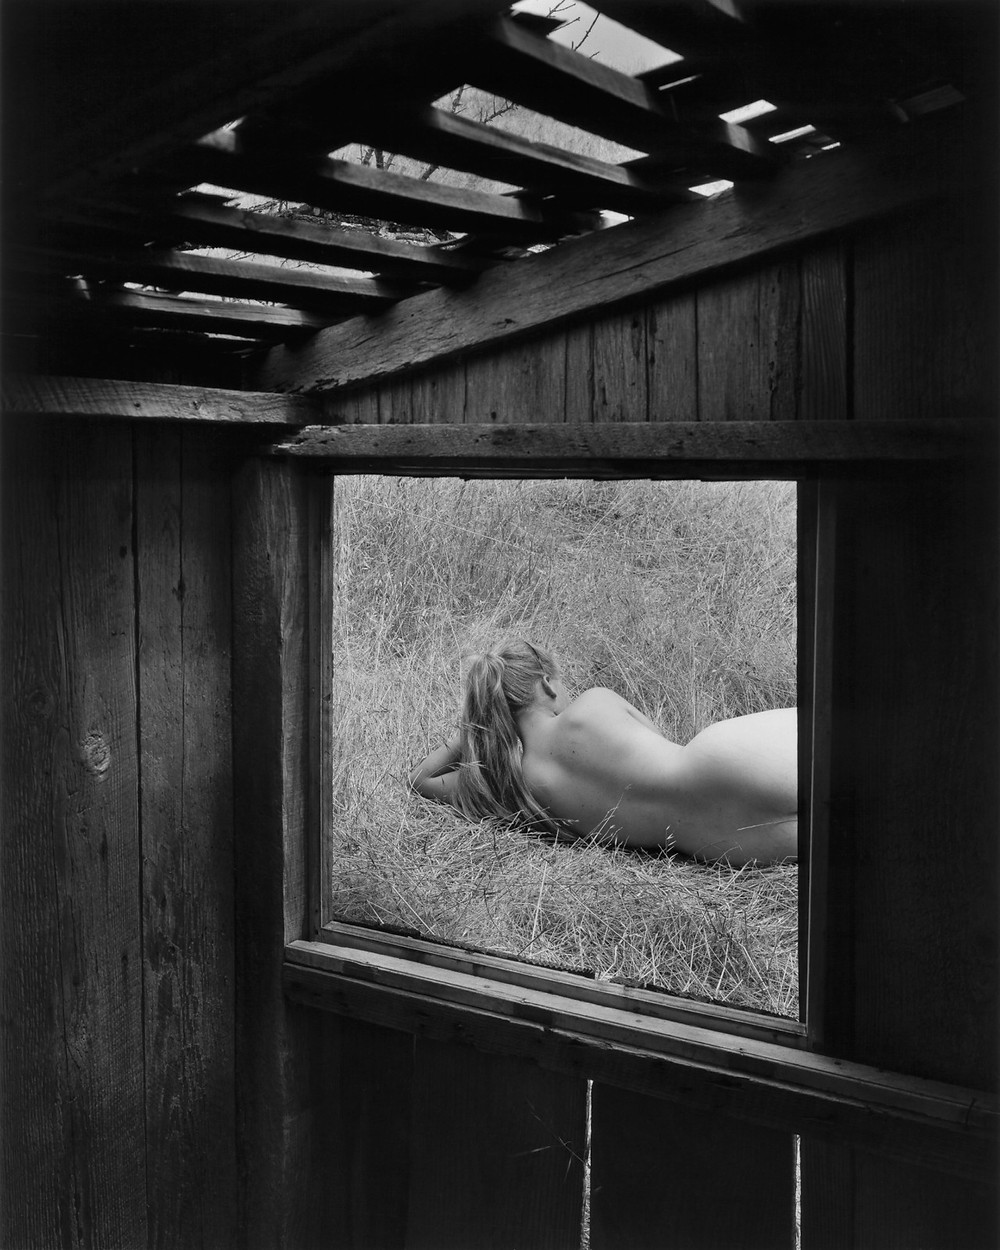 Photo : Barbara through Window, Wynn Bullock, Wynn Bullock Family Photography Estate - Courtesy Laurence Miller Gallery. Photo en noir et blanc d'une femme nue allongée dans l'herbe, vue à travers la fenêtre d'une cabane en bois.